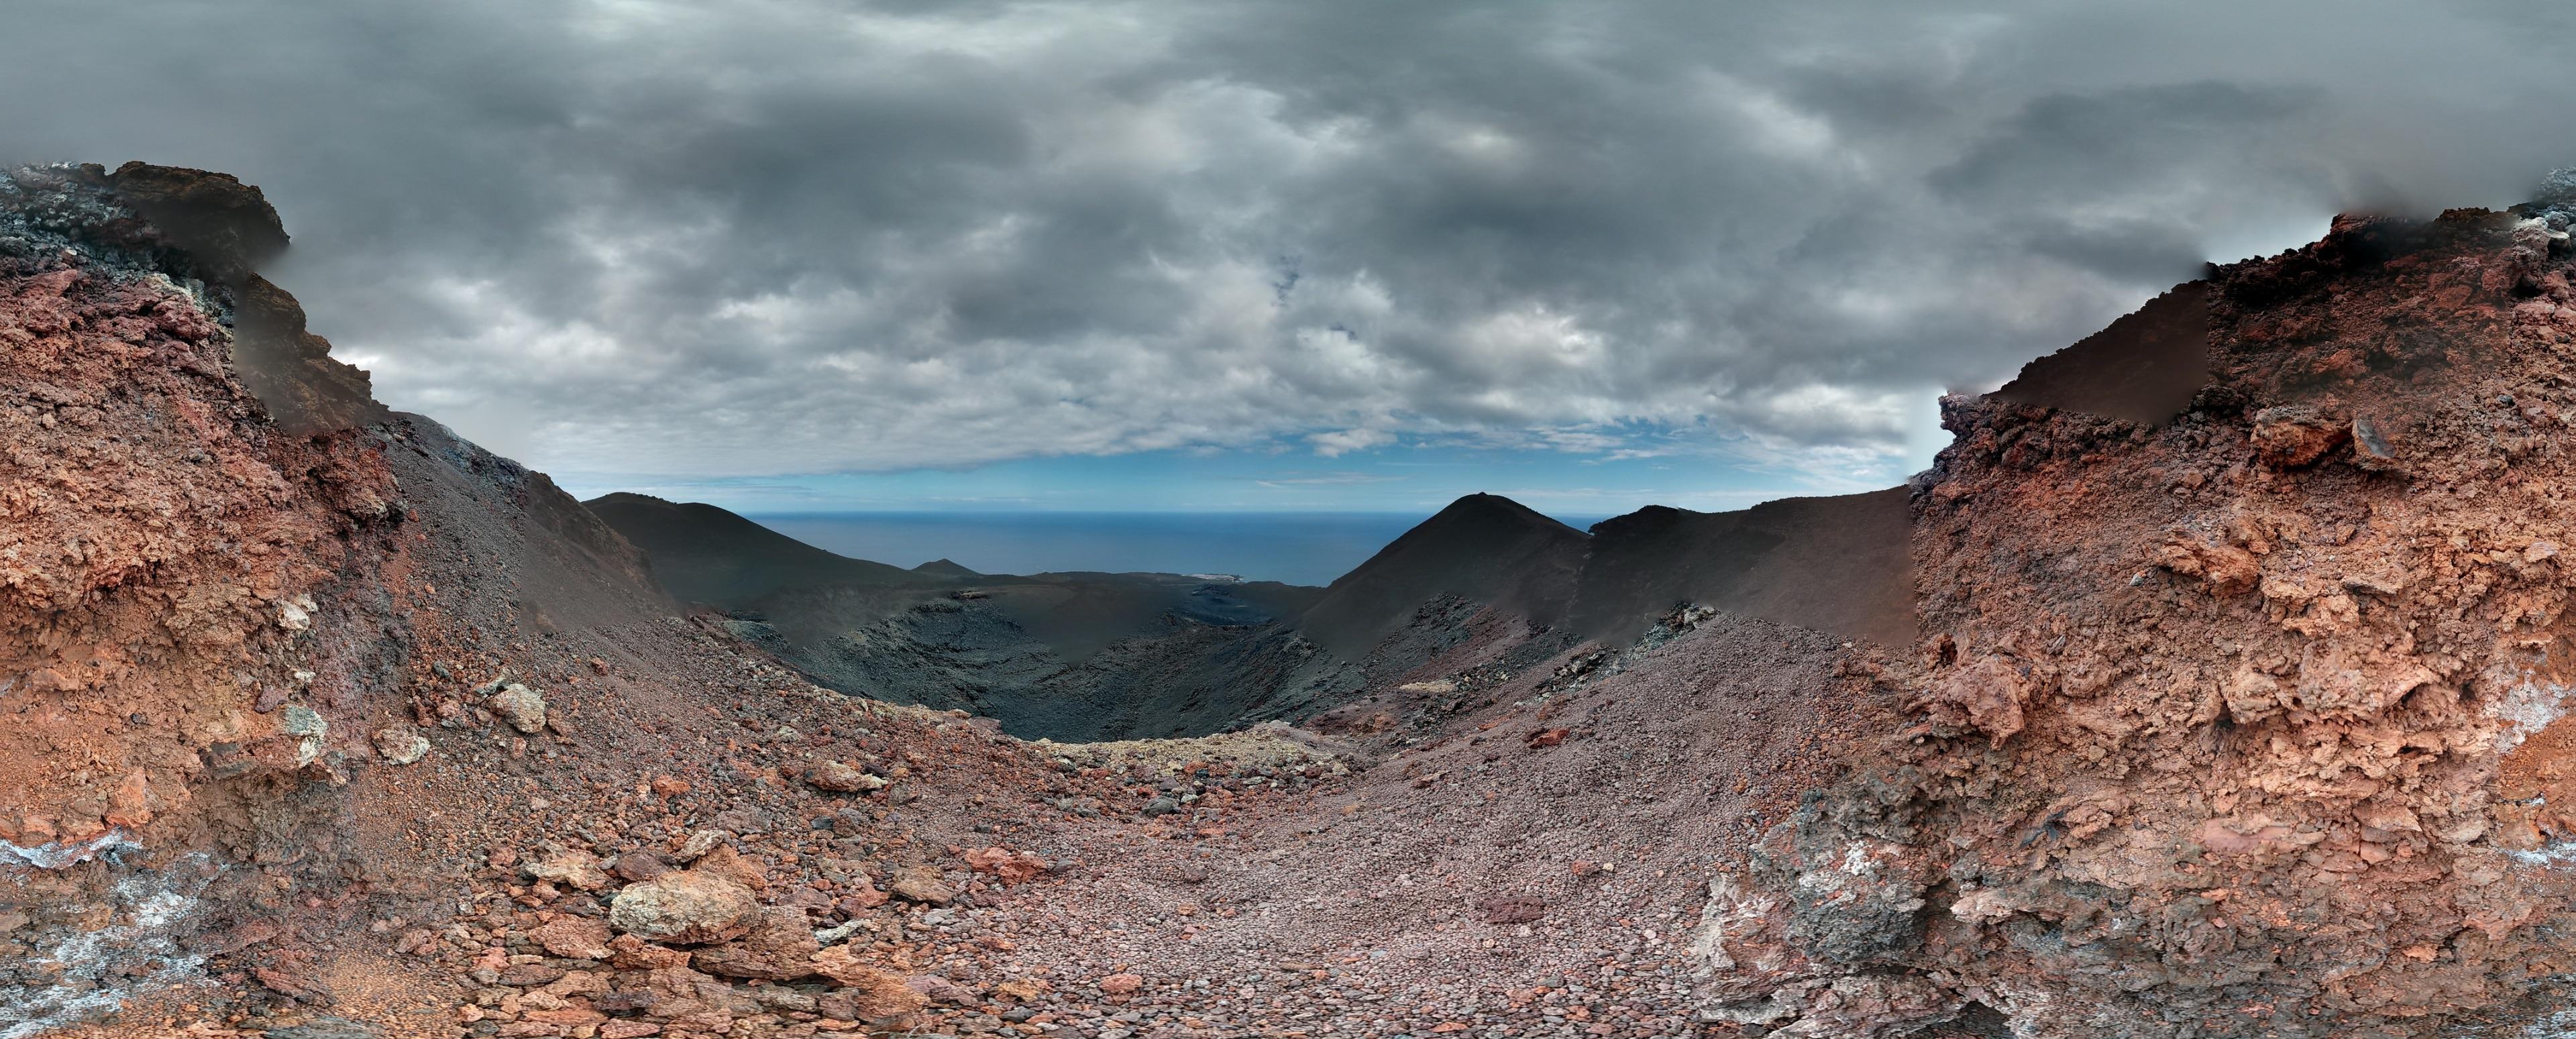 Fuencaliente de la Palma, Canary Islands, Spain